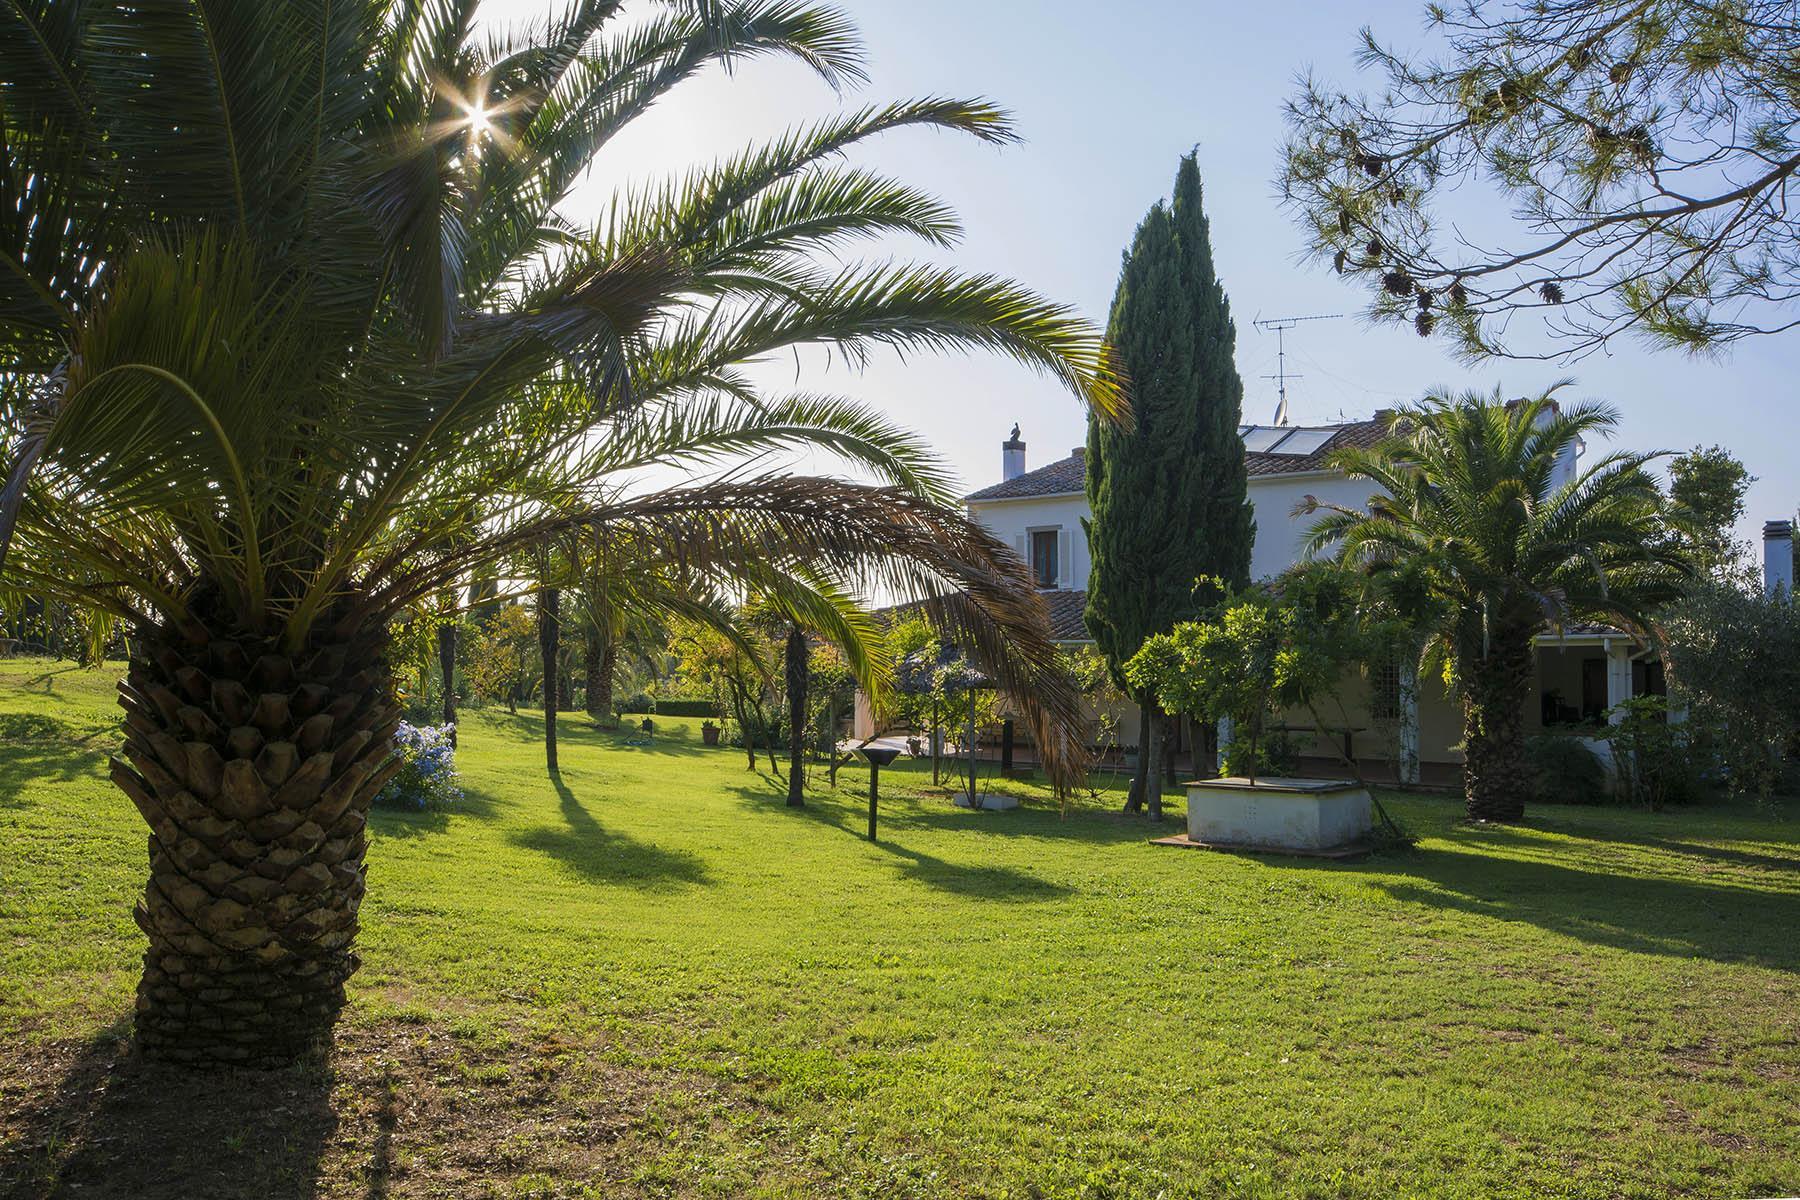 Villa in collina vista mare, nei pressi di Castiglioncello - 18